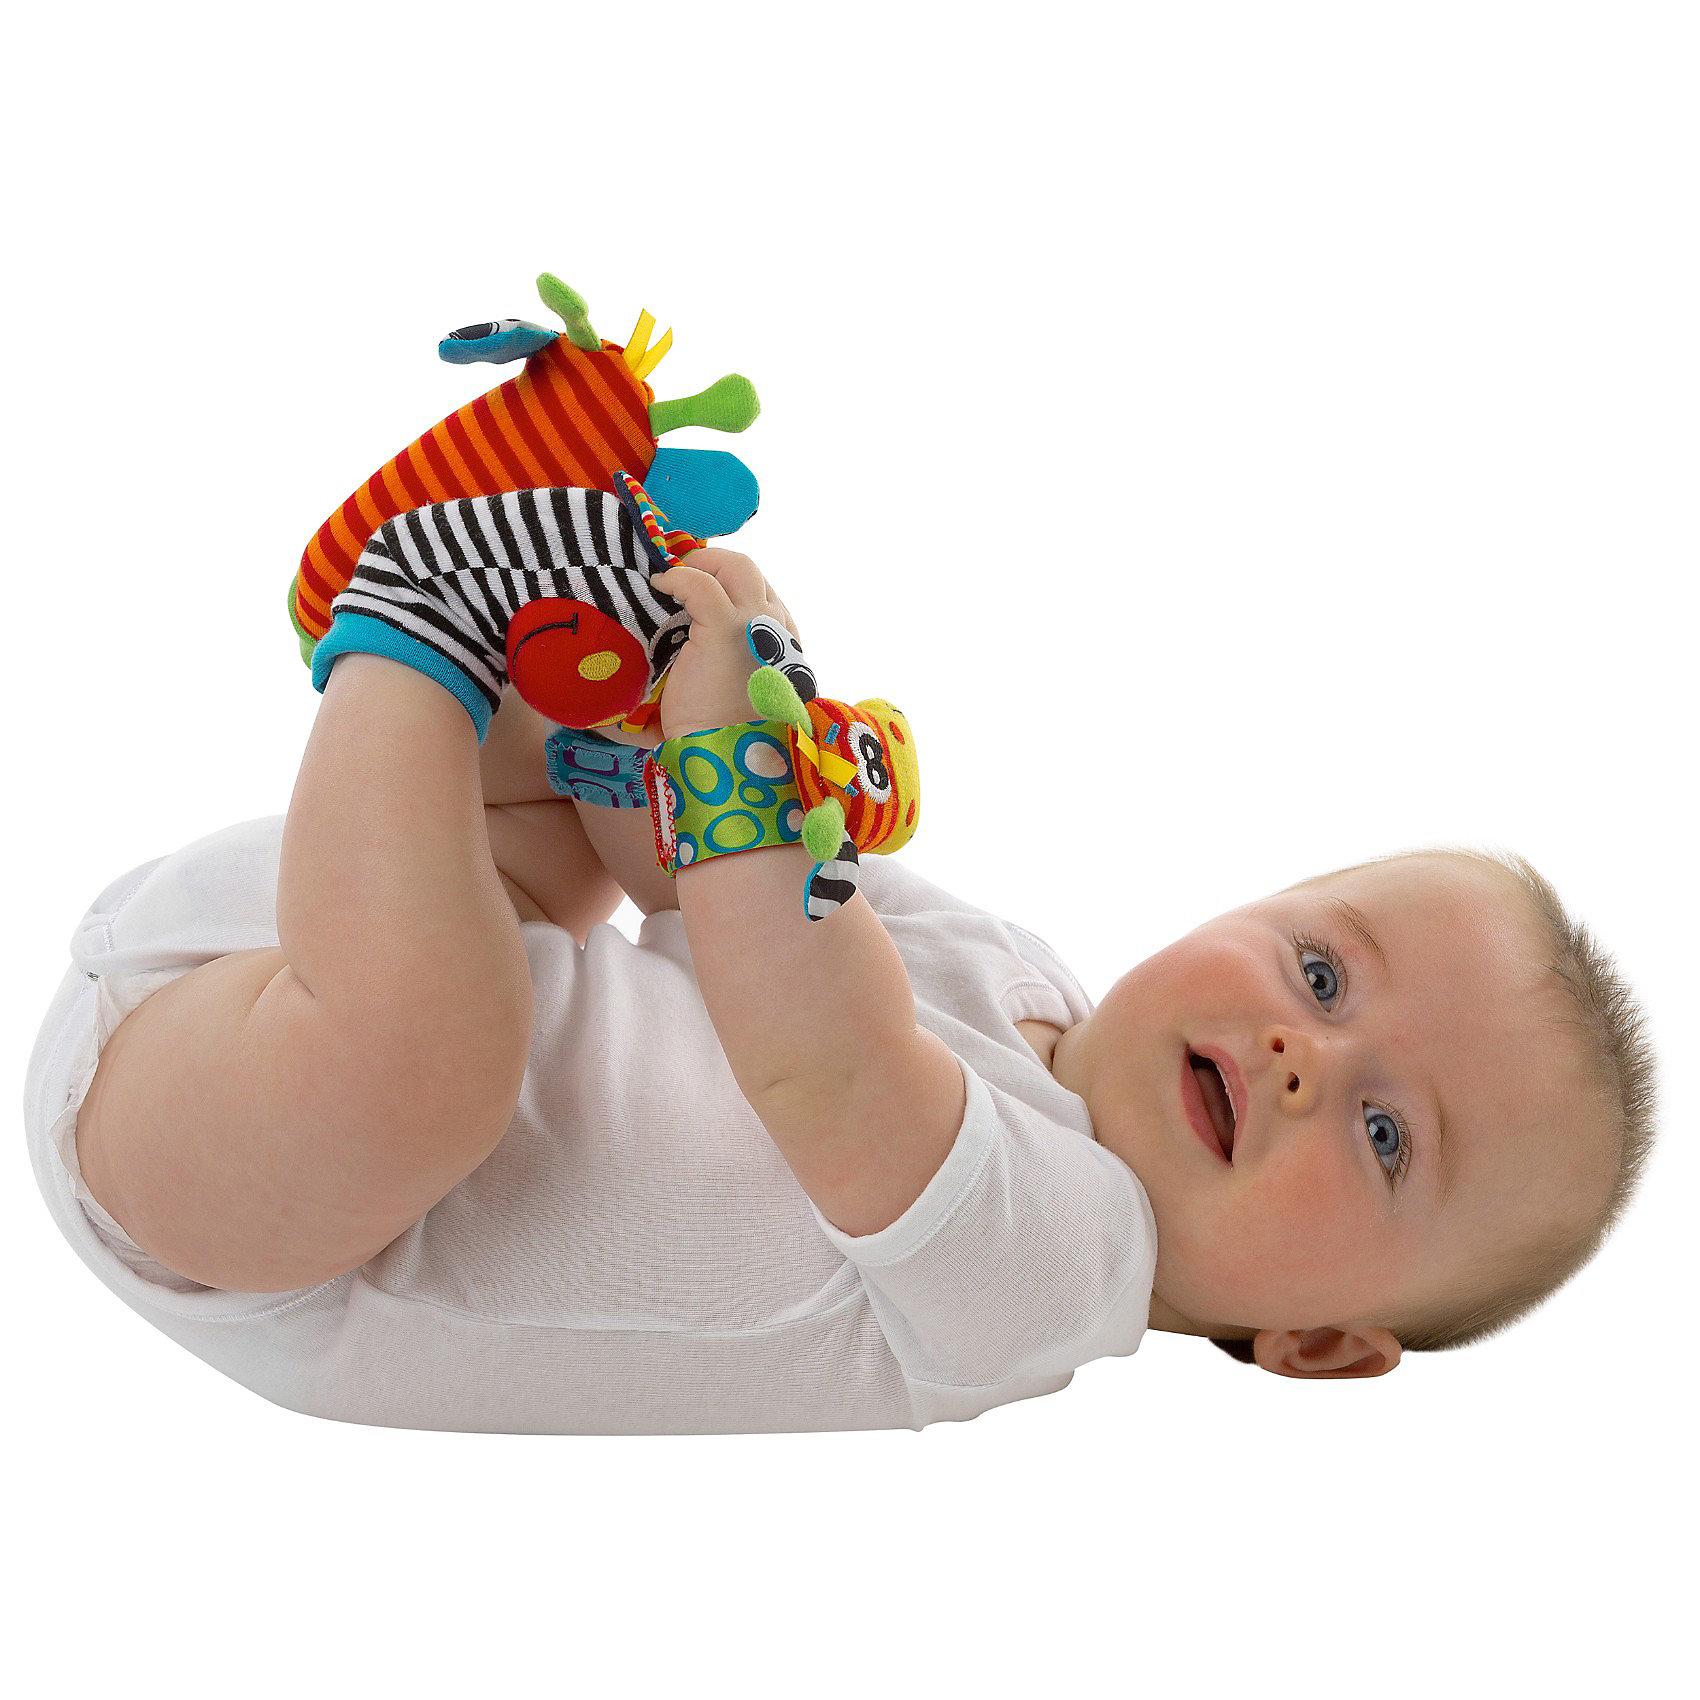 Игровой набор Зверьки, PlaygroМягкие игрушки<br>Игровой набор Зверьки, Playgro (Плейгро) подарит малышу новые впечатления и радостную улыбку.<br>Яркие игрушки на ножки и ручки от фирмы Playgro (Плейгро) из мягкой ткани развеселят и развлекут малыша. Ведь так весело доставать свои ножки, если на них надеты такие красивые носочки с забавными мордочками жирафа и зебры. Игрушки на ручках будут греметь при каждом движении. Игровой набор способствует развитию моторики, координации, слуха, осознанию причинно-следственных связей.<br><br>Дополнительная информация:<br><br>- Материал: текстиль<br>- В набор: 2 носочка (жираф и зебра) и 2 браслета на ручку (жираф и зебра)<br>- Размер упаковки: 18 х 6 х 18 см<br><br>Игровой набор Зверьки, Playgro можно купить в нашем интернет-магазине.<br><br>Ширина мм: 180<br>Глубина мм: 180<br>Высота мм: 60<br>Вес г: 233<br>Возраст от месяцев: 0<br>Возраст до месяцев: 12<br>Пол: Унисекс<br>Возраст: Детский<br>SKU: 3599517